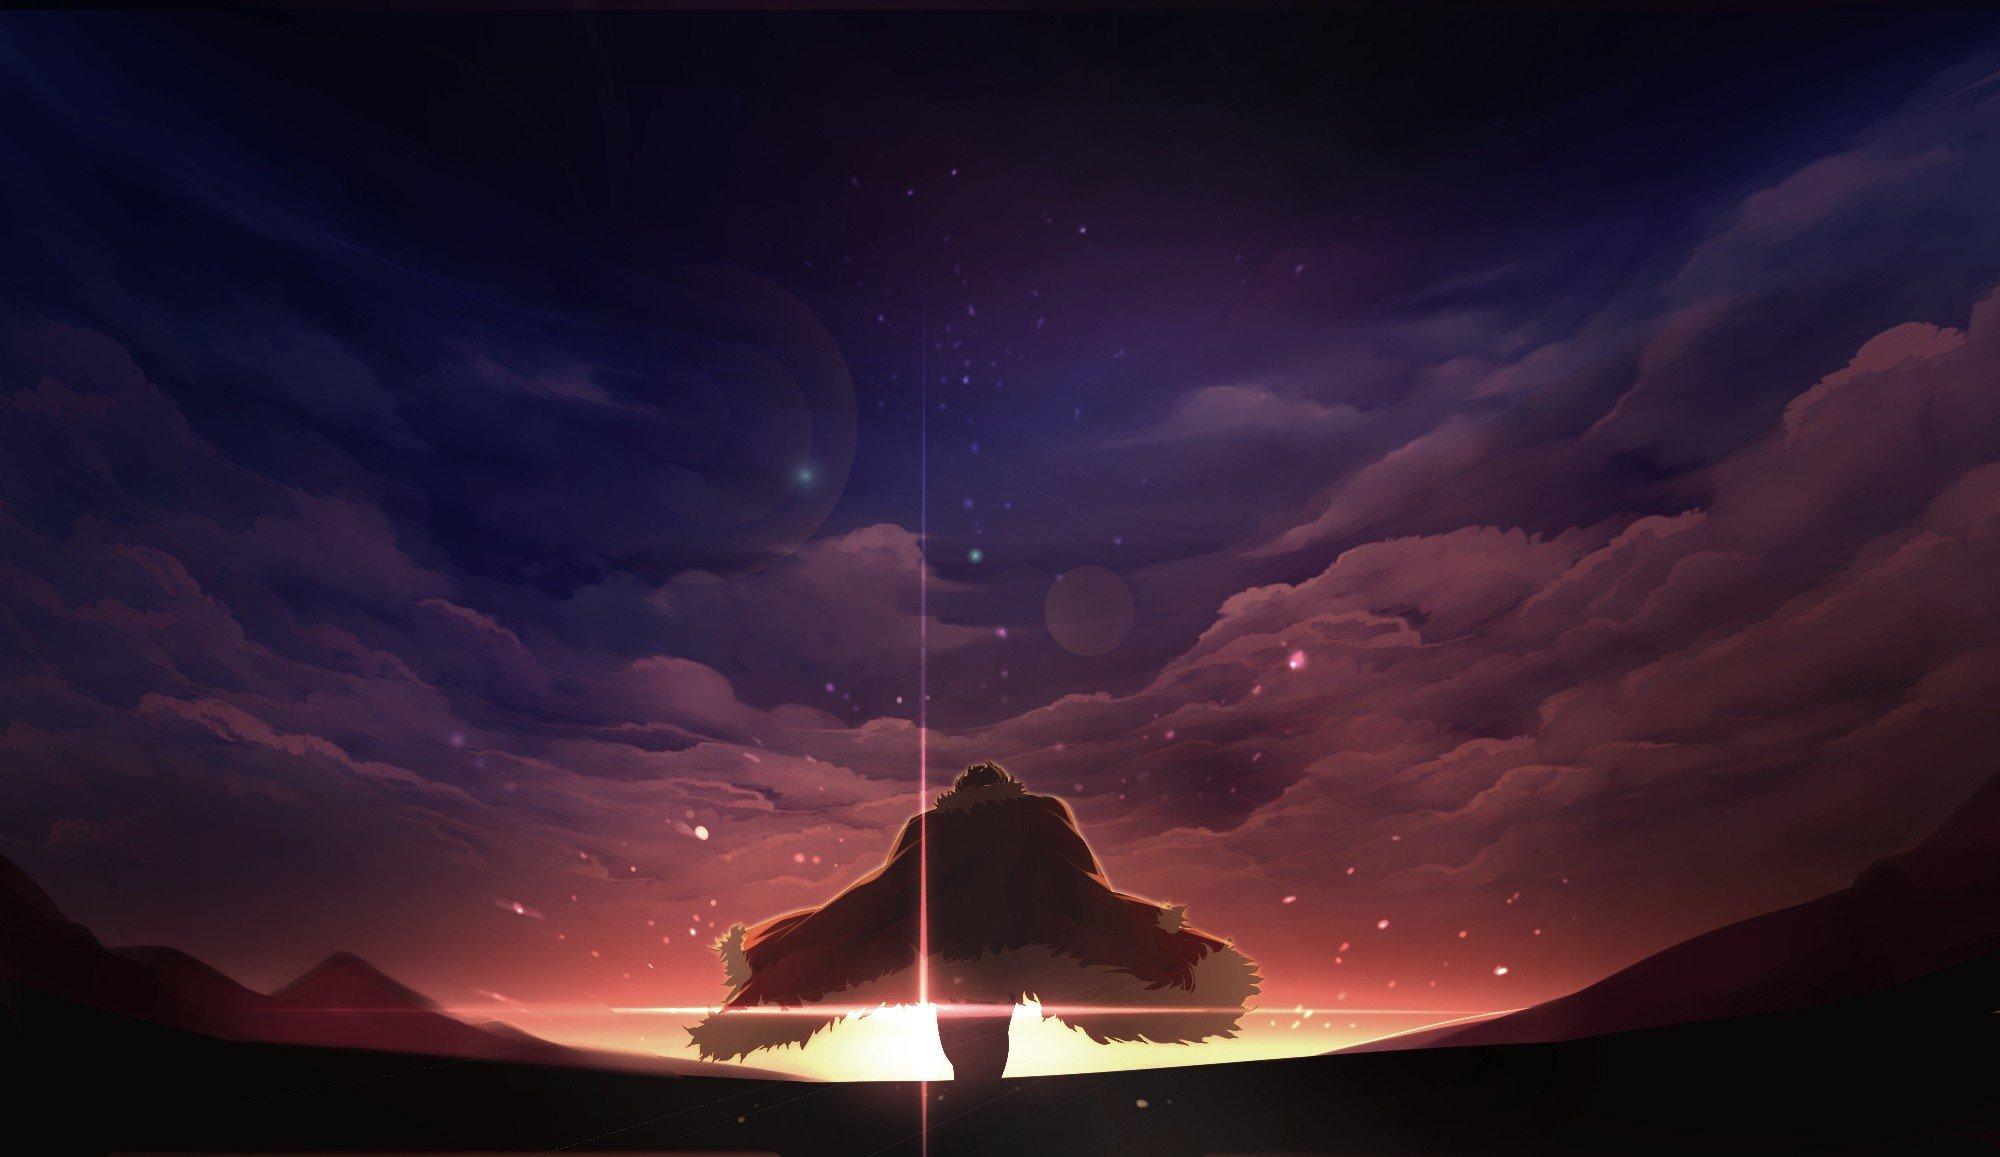 Rider (Fate Zero), Fate Series Wallpaper